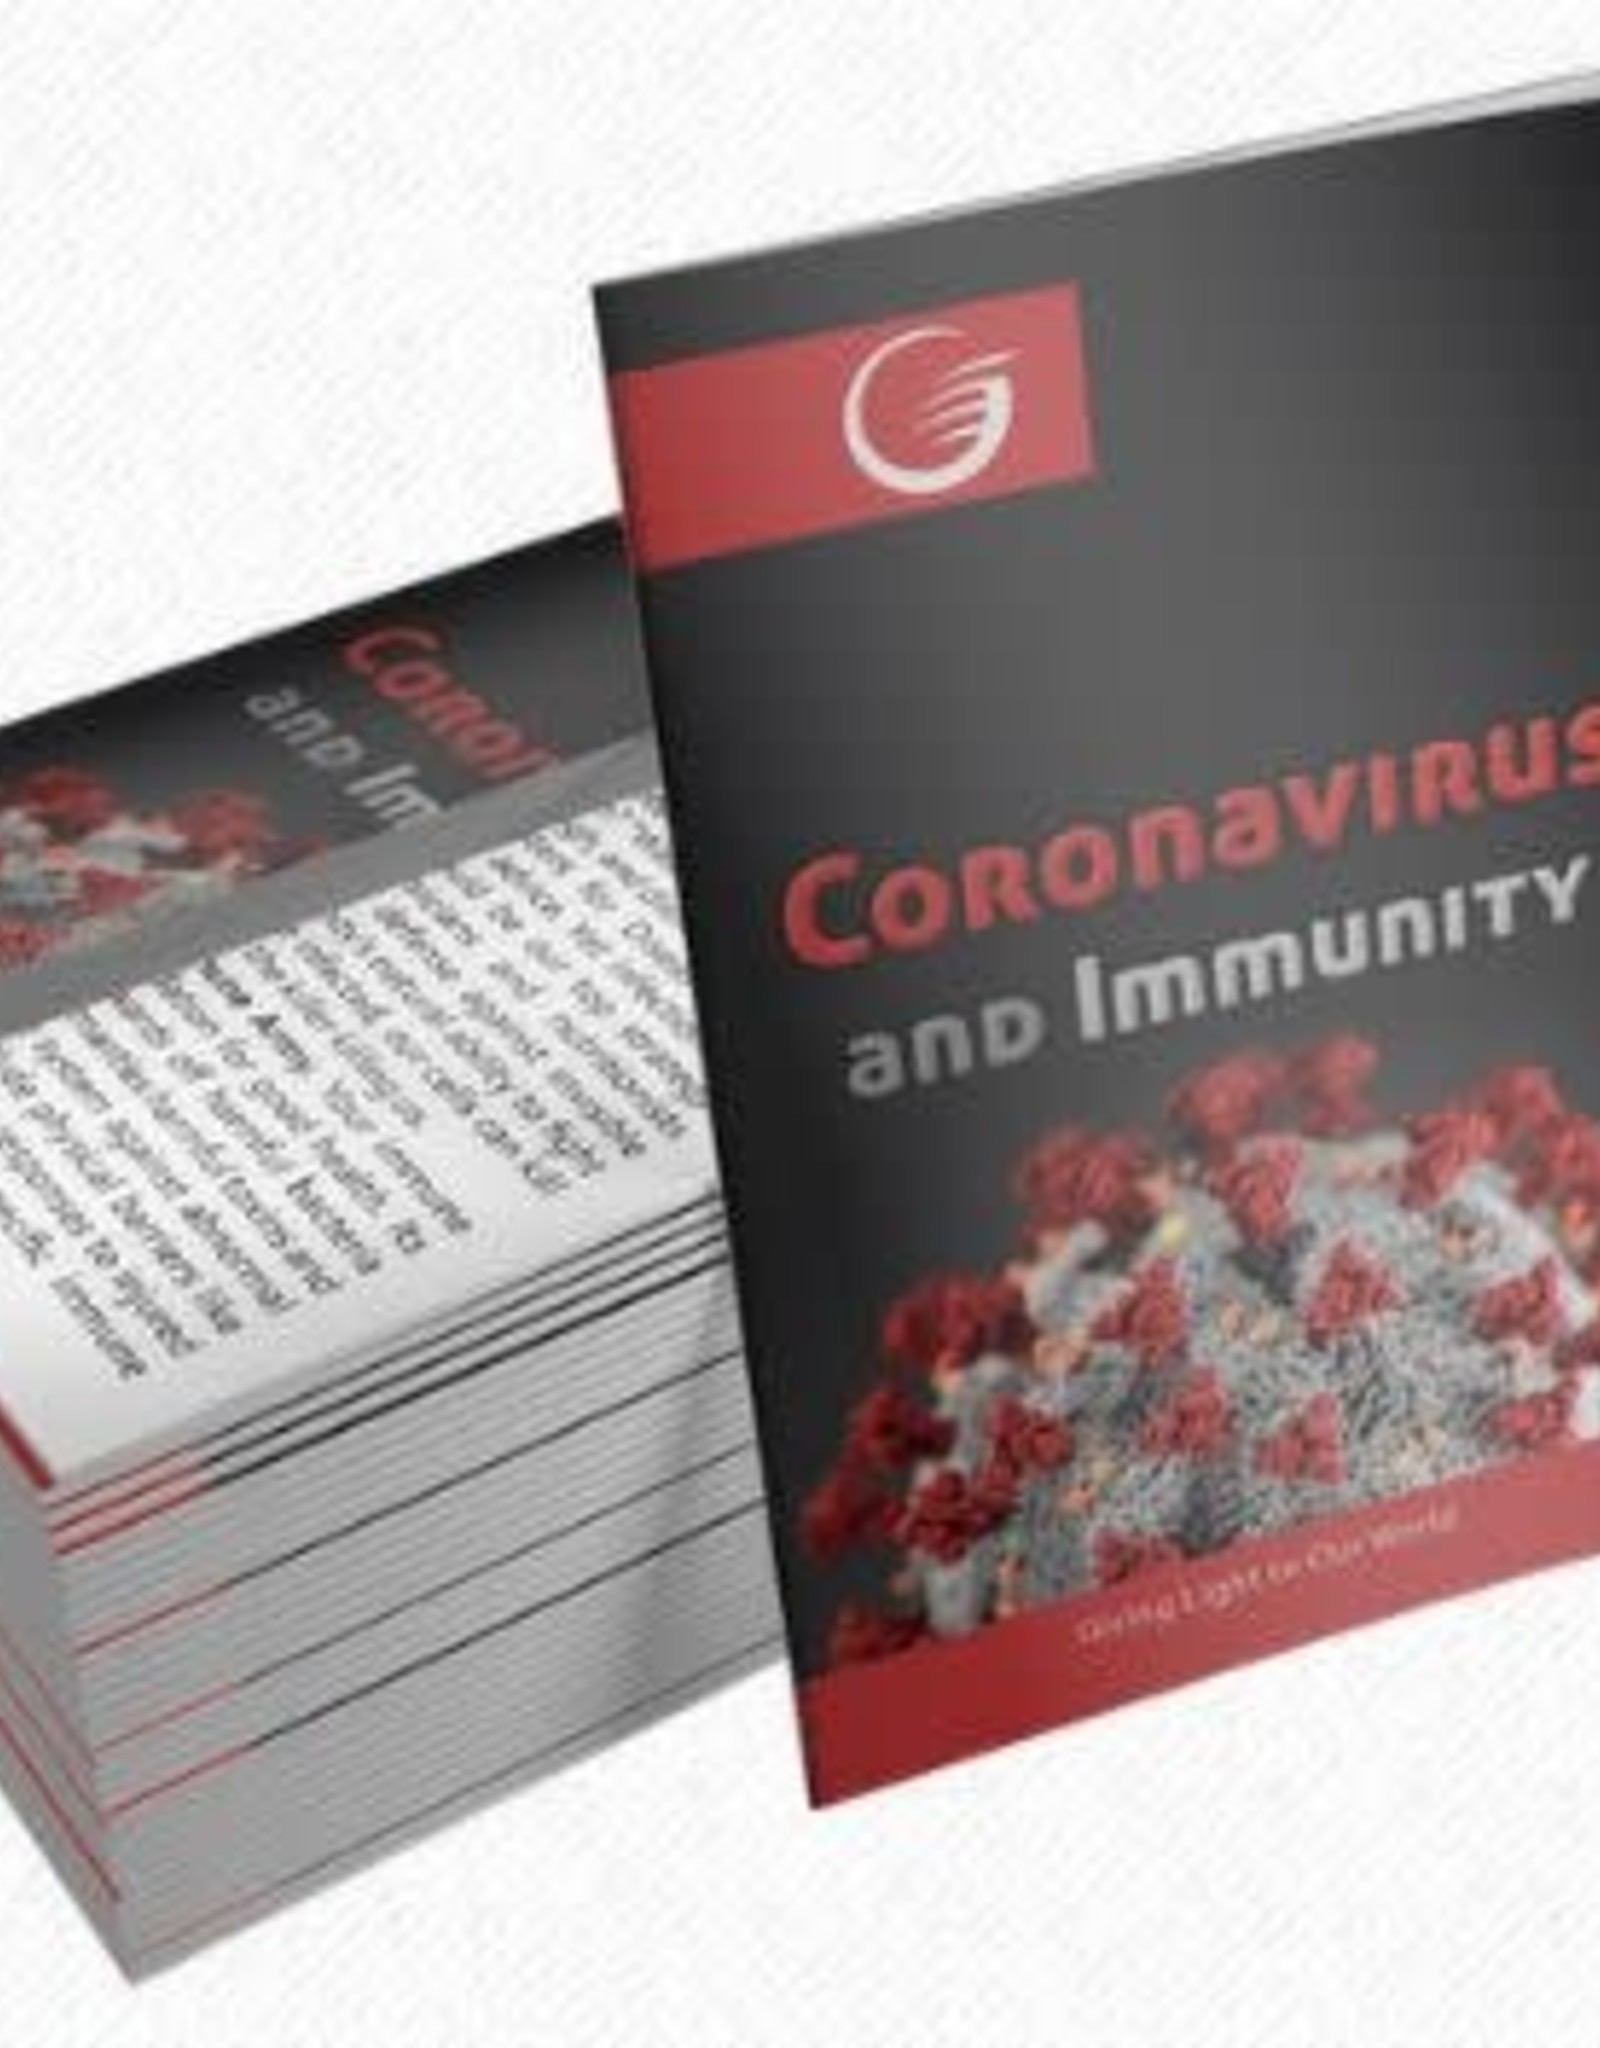 Glow coronavirus and immunity